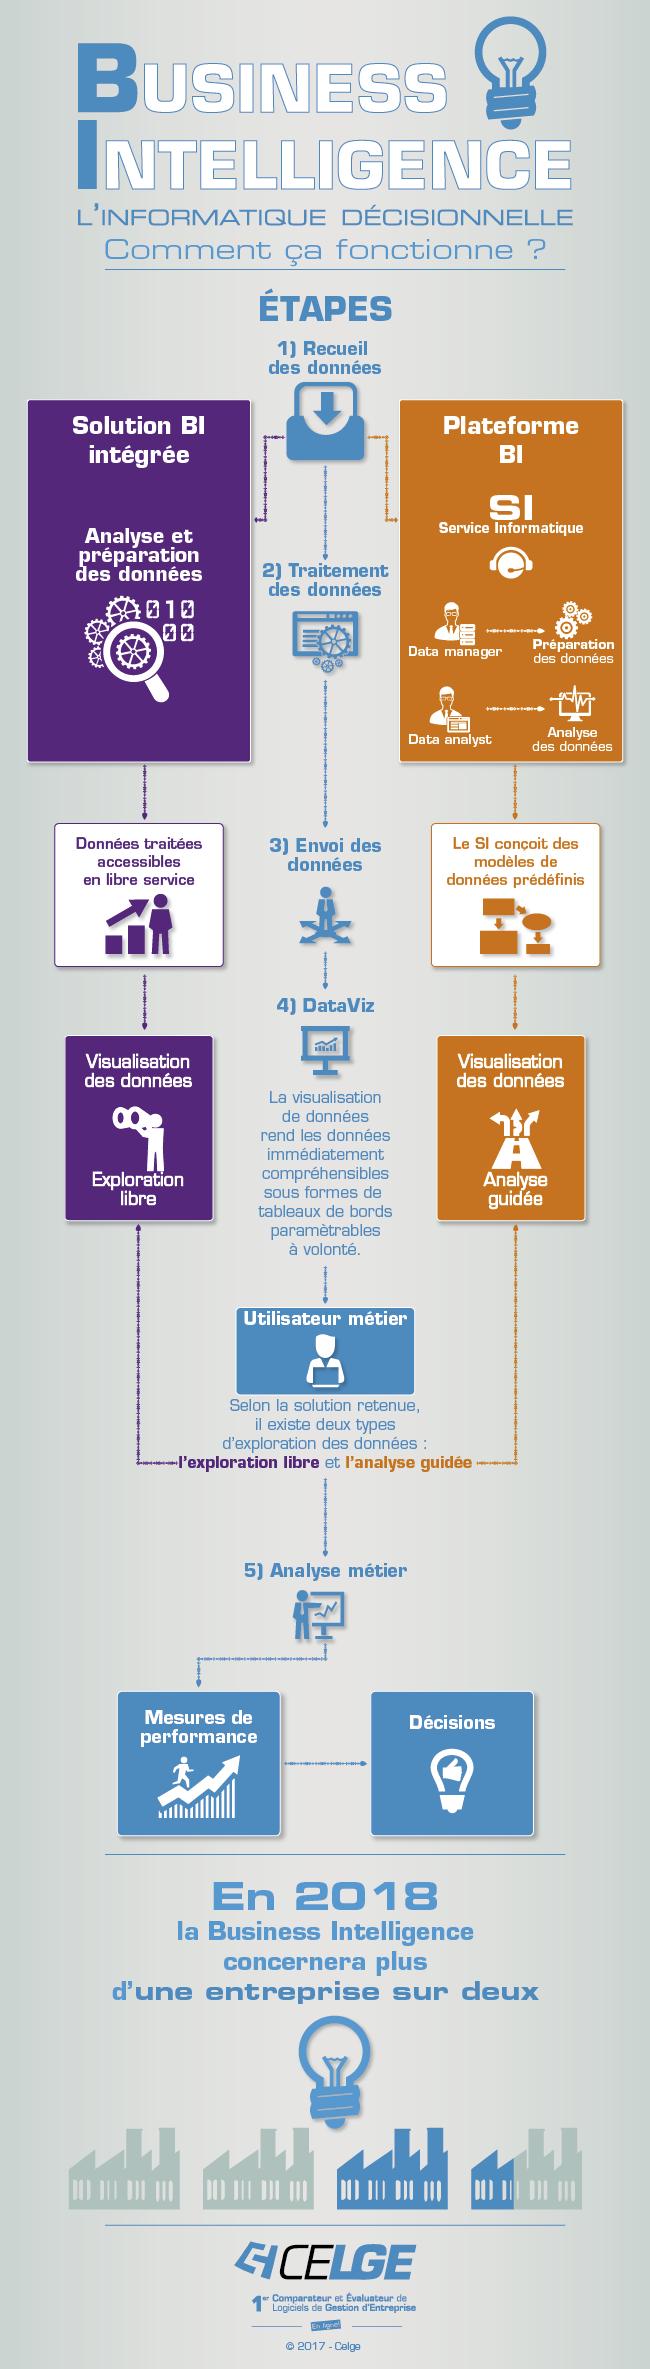 Fonctionnement de l'informatique décisionnelle (BI - Business Intelligence) en entreprise